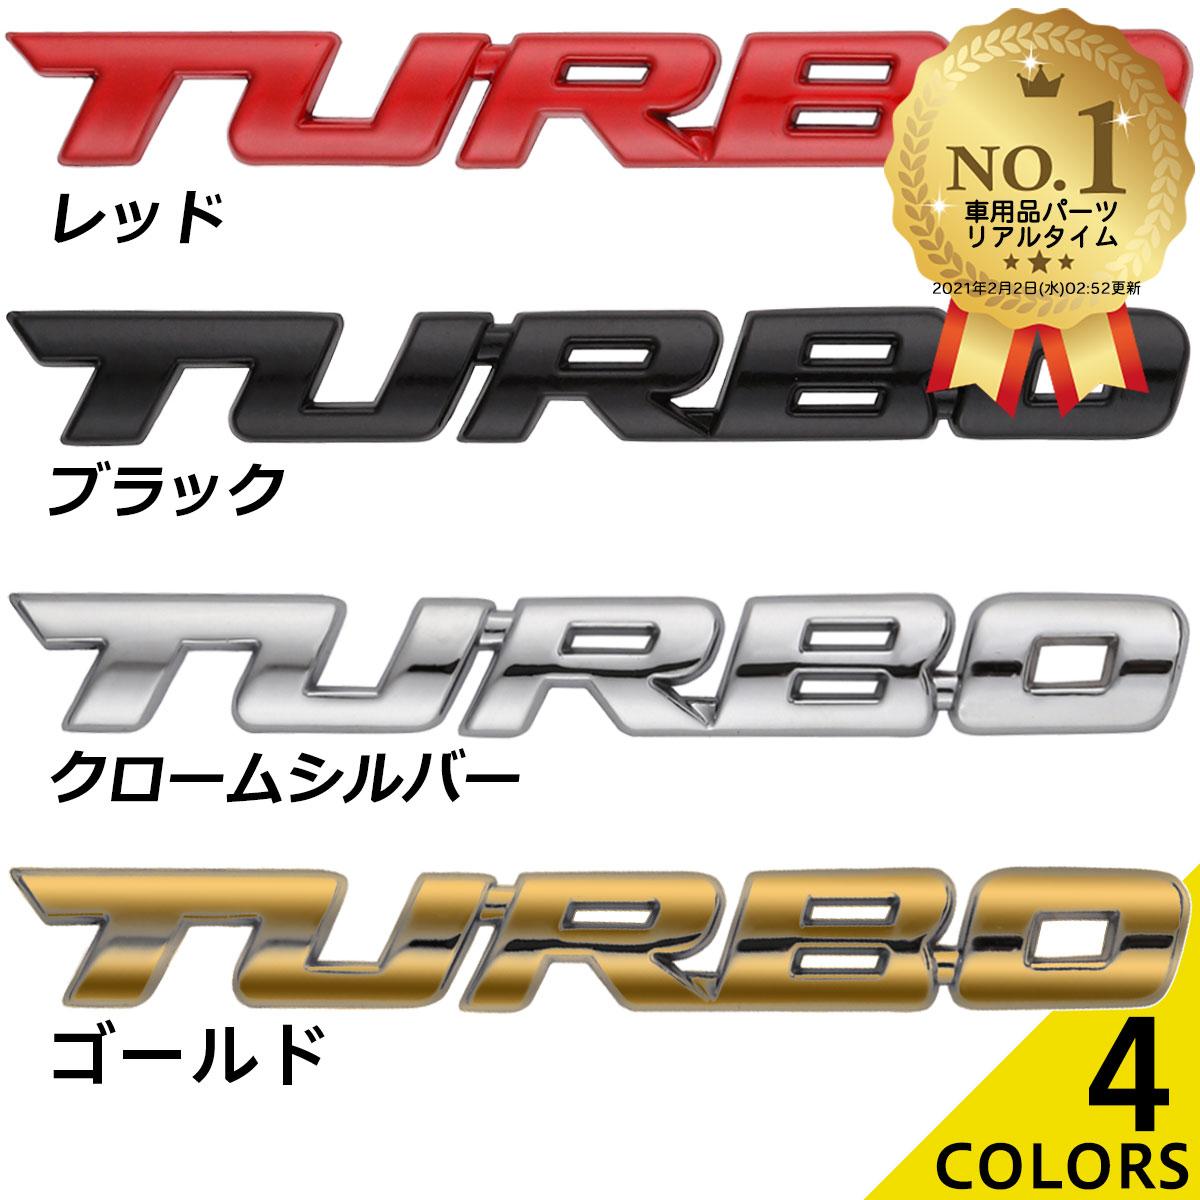 カット済み両面テープが付属していますので 初回限定 取付けはカンタン TURBO ターボ 3D 立体 送料無料 エンブレム 付与 ランキング1位受賞 Negesu ネグエス